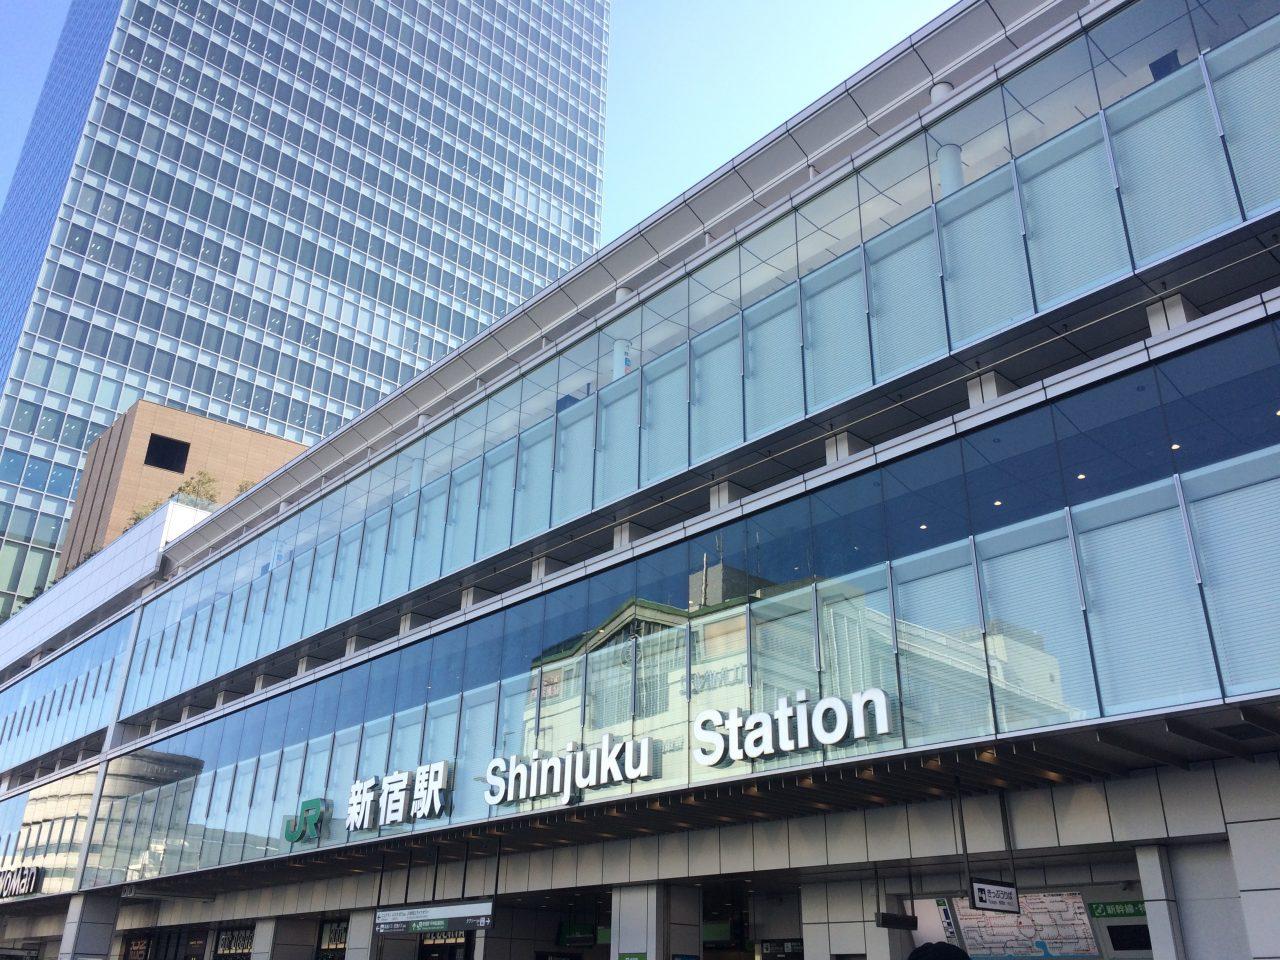 新宿駅甲州街道改札と新宿ミライナタワーの写真